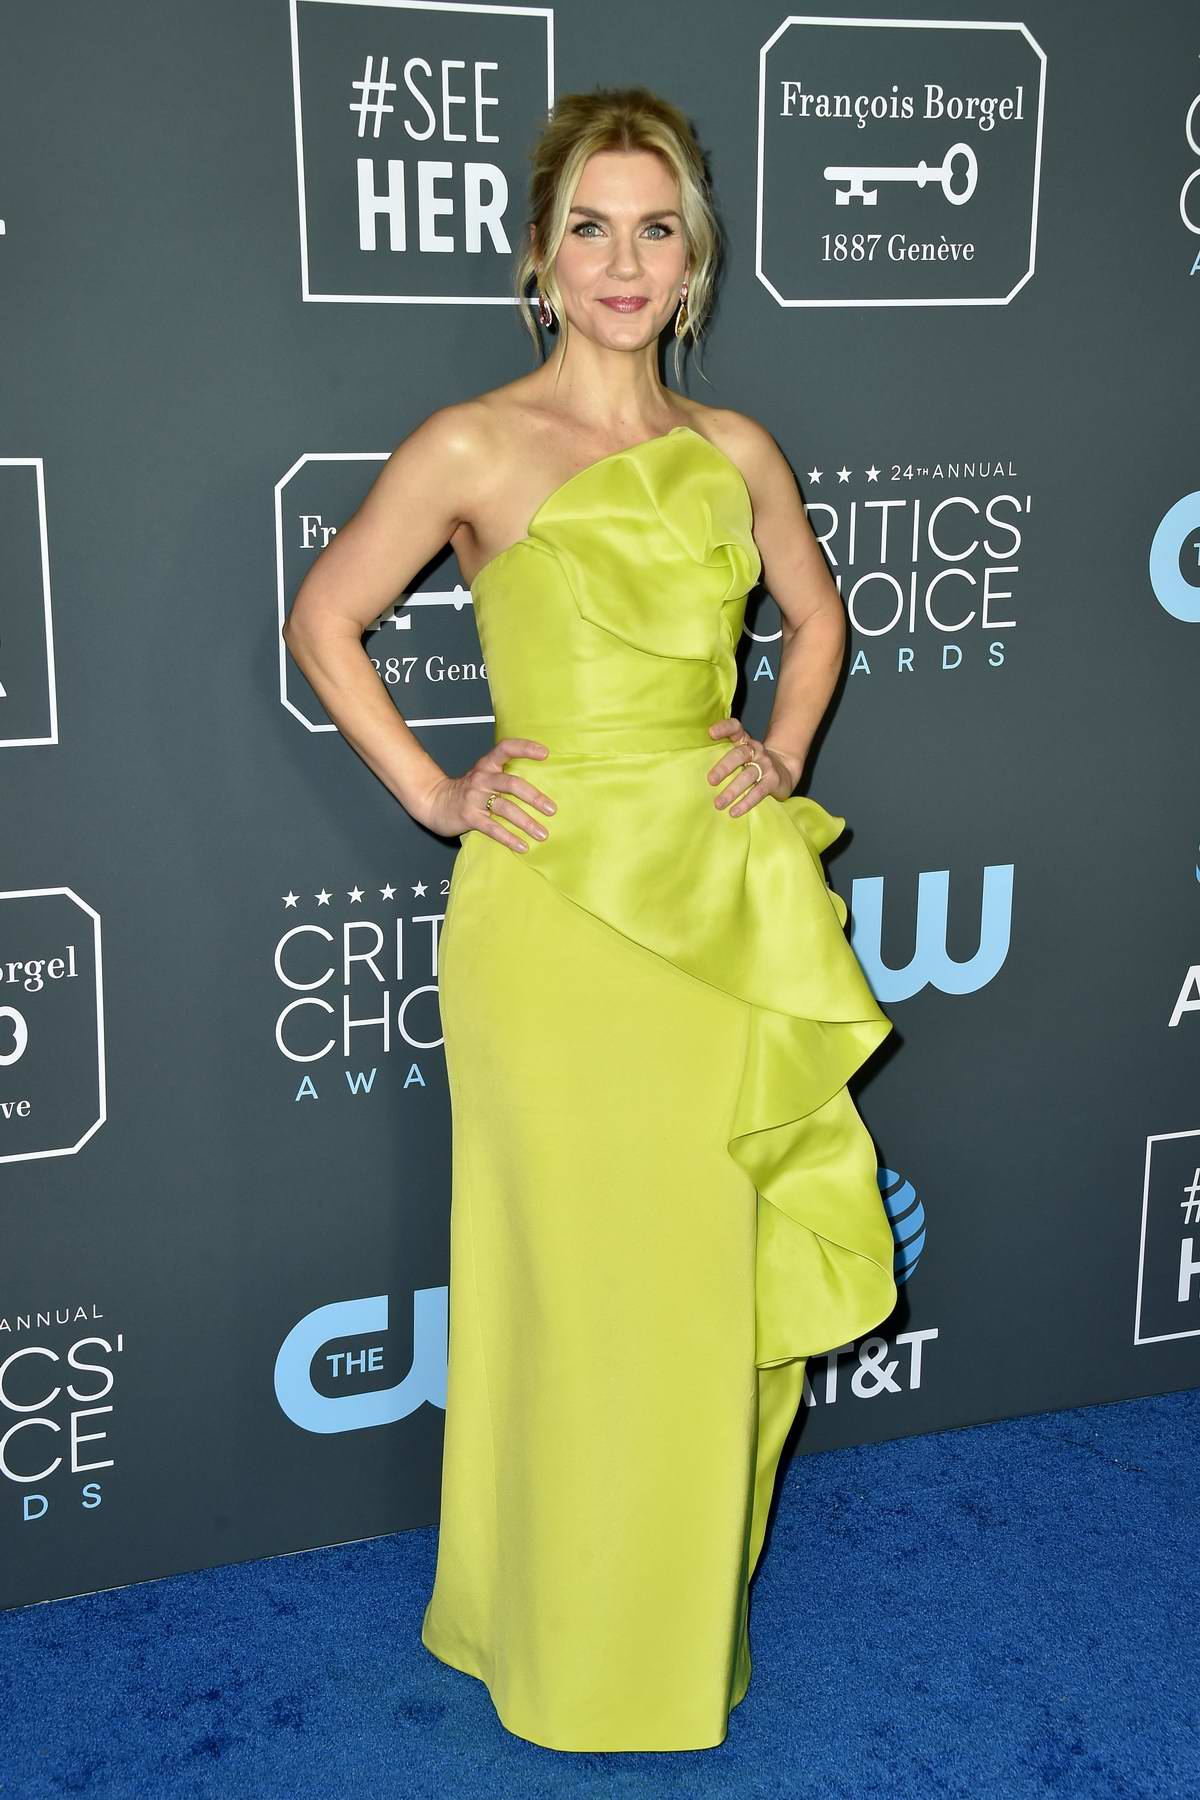 Rhea Seehorn attends the 24th Annual Critics' Choice Awards at Barker Hangar in Santa Monica, California